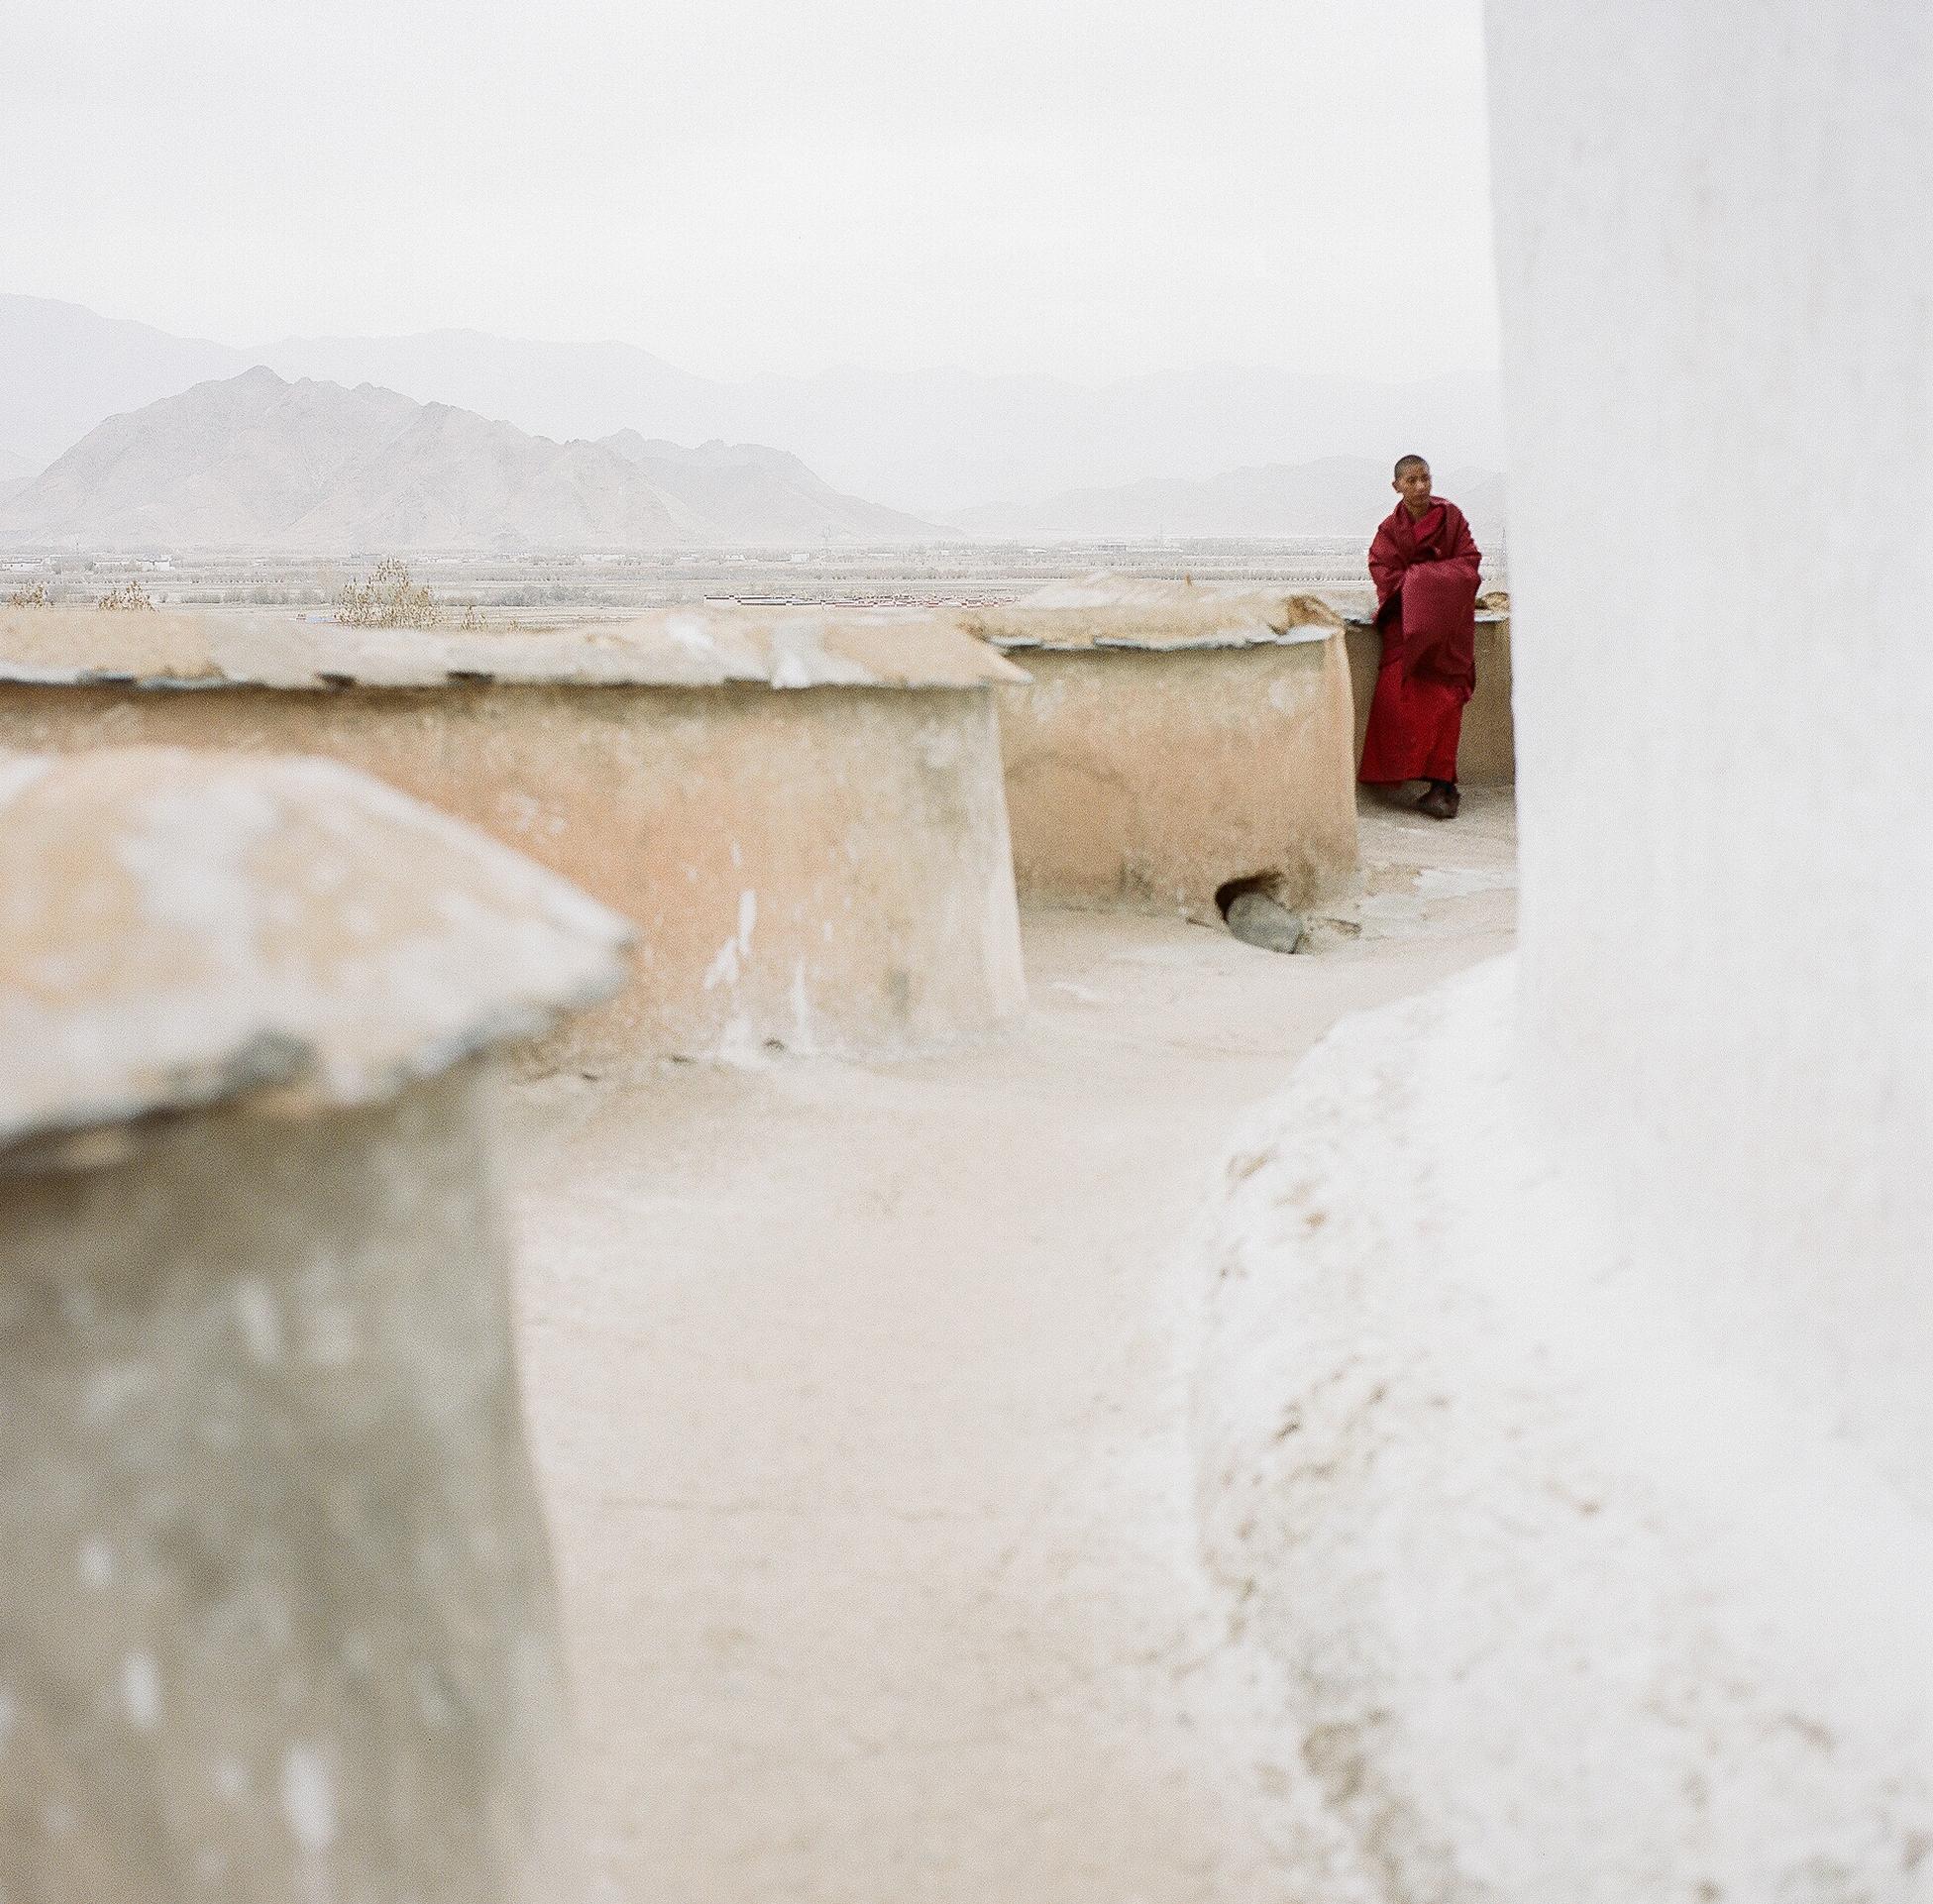 tibet2014_high-res-40.jpg